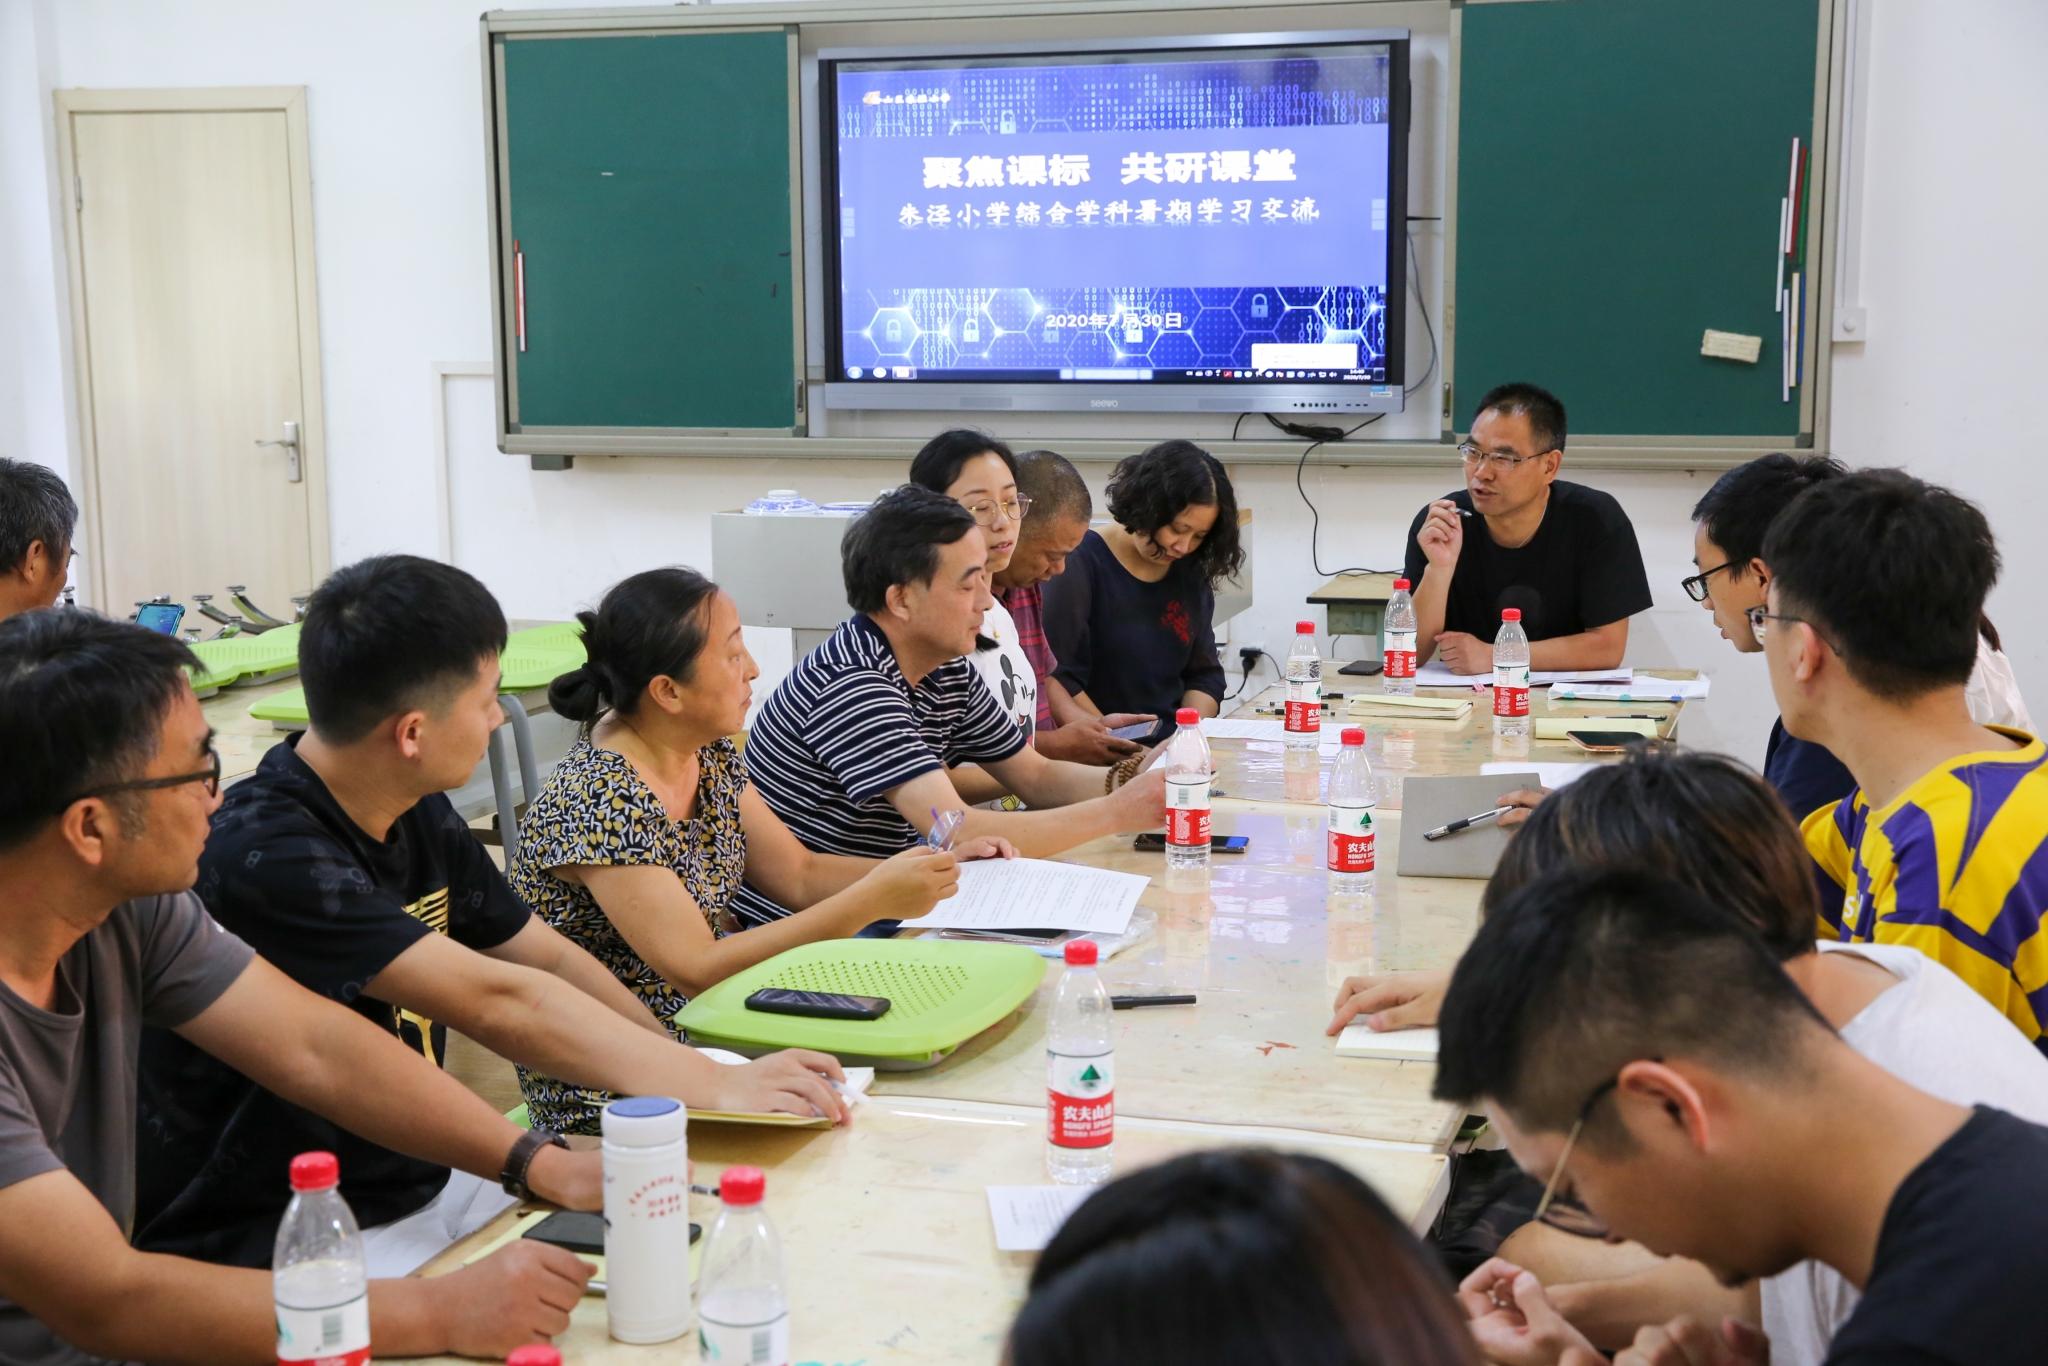 朱泾小学举行学科教研组活动